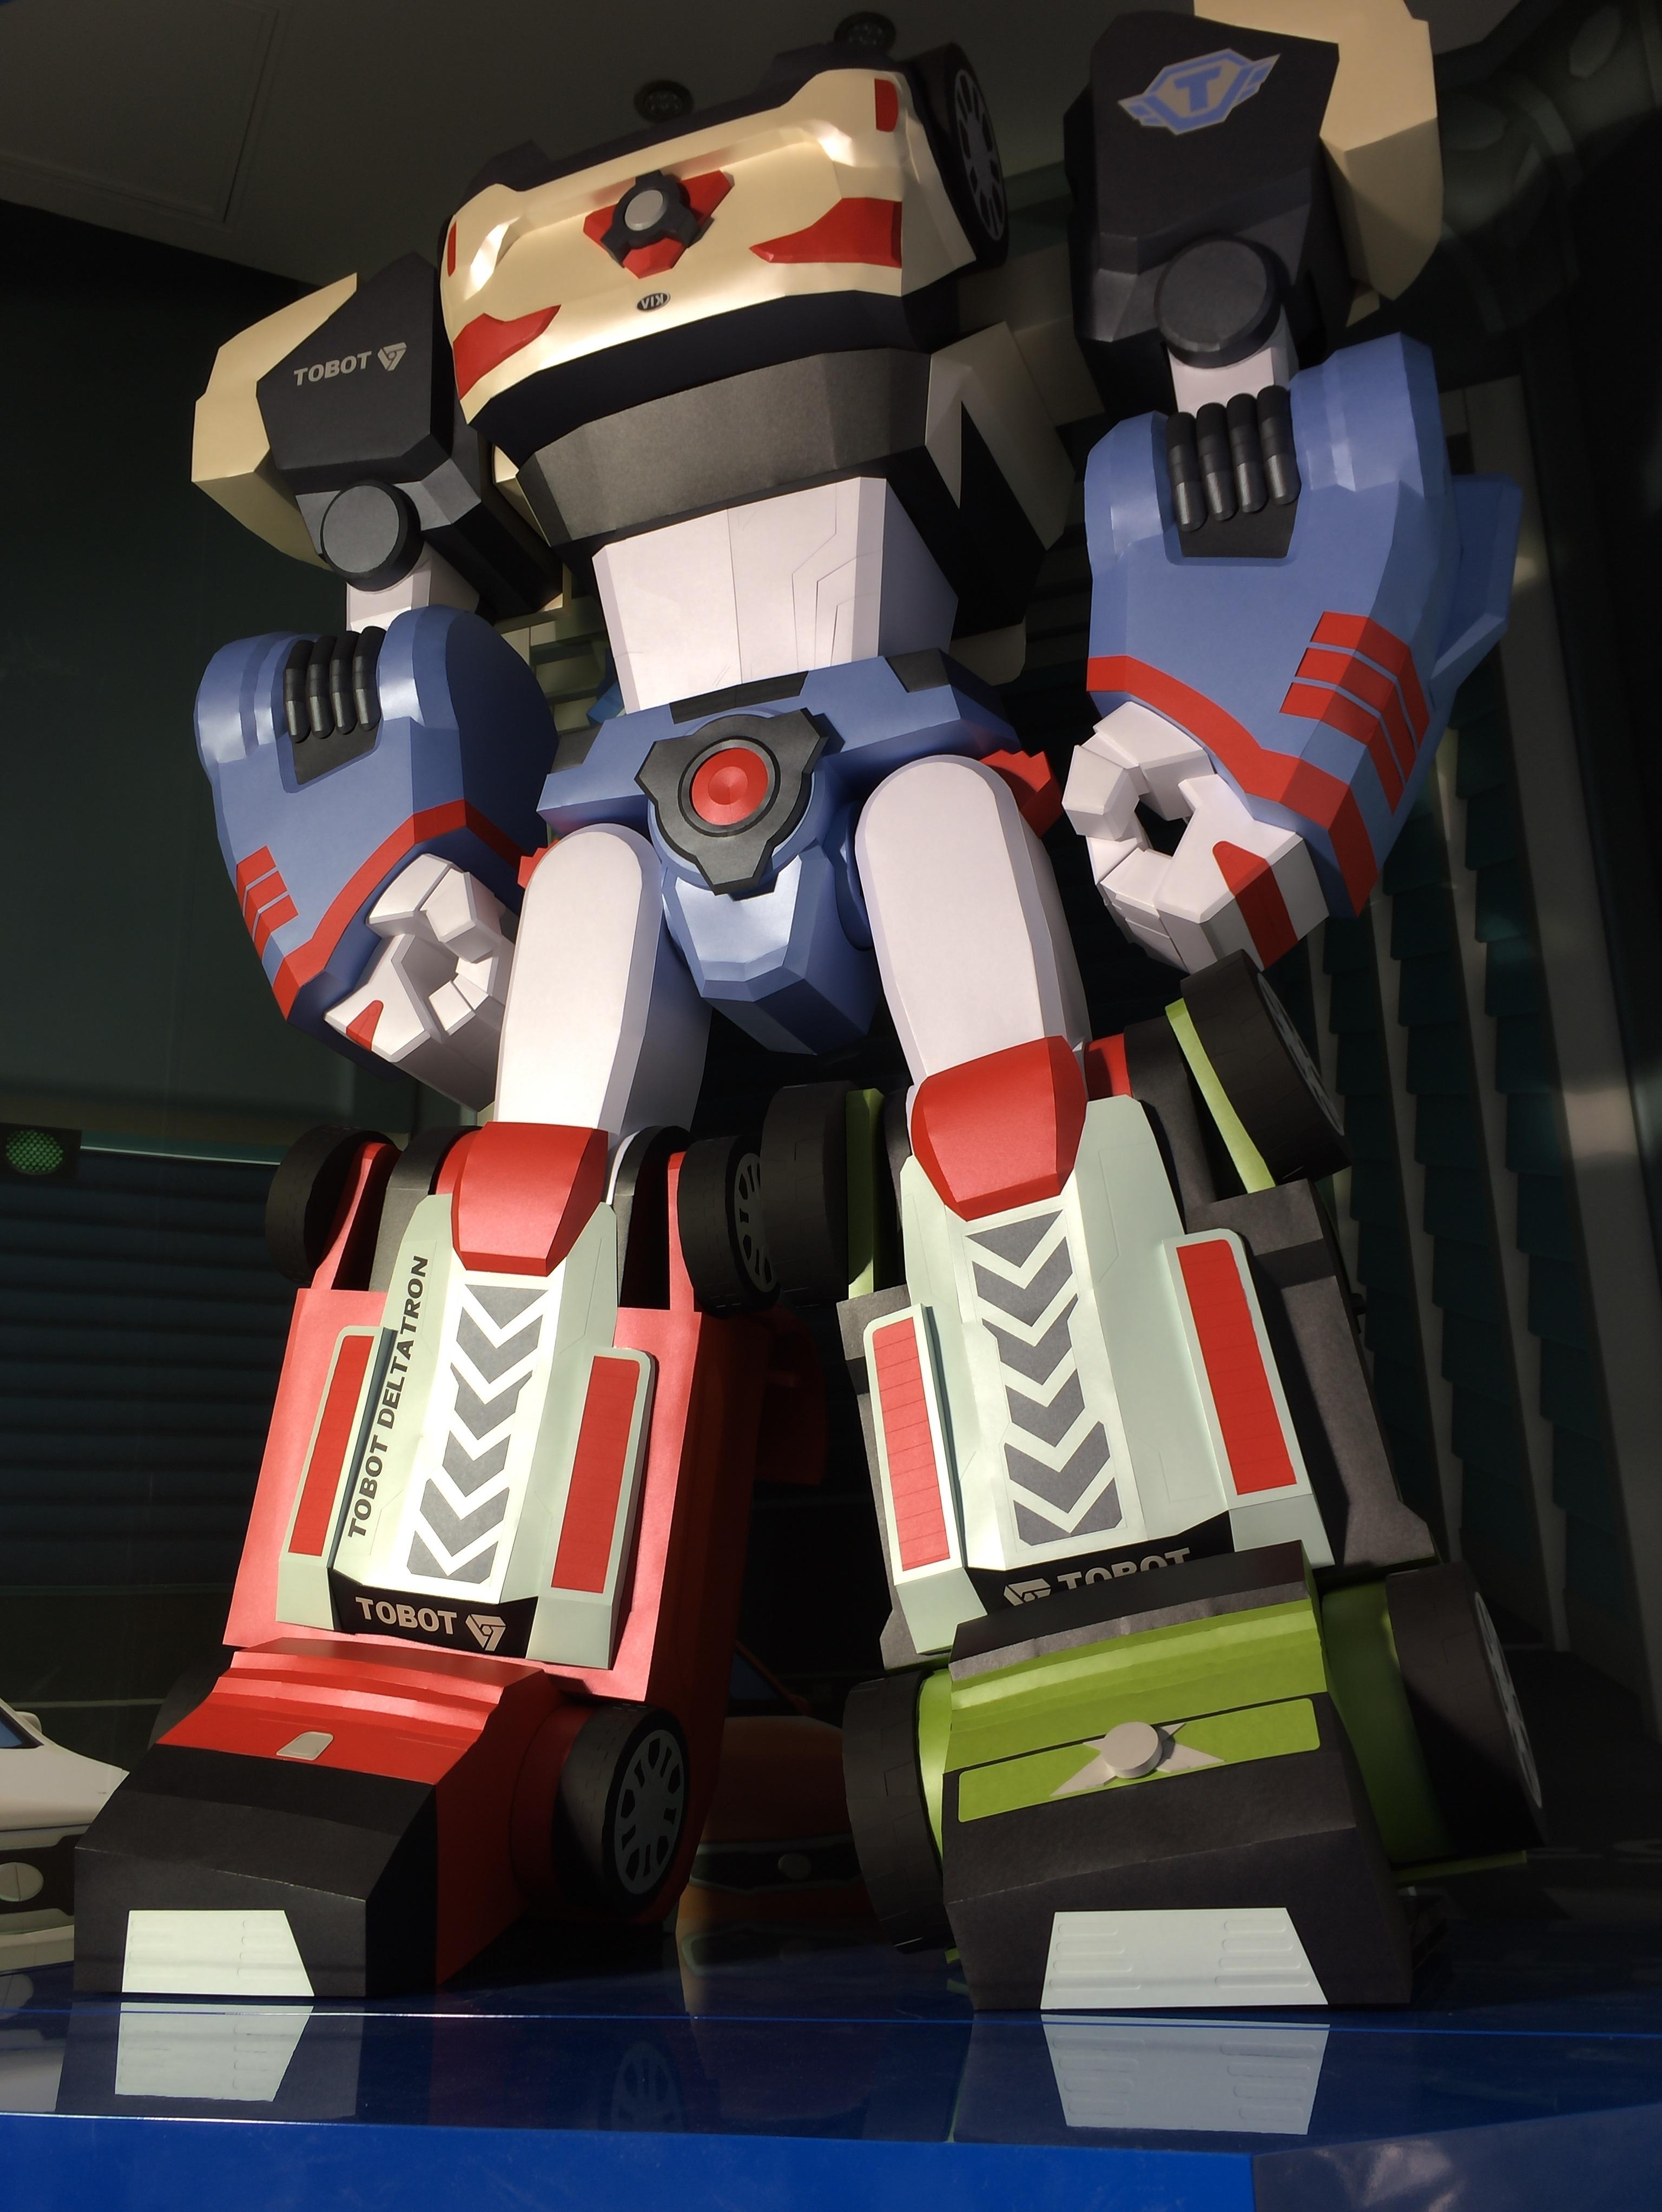 máy móc Đồ chơi Robot Con số hành động Anime Ảnh chụp màn hình Mecha Delta